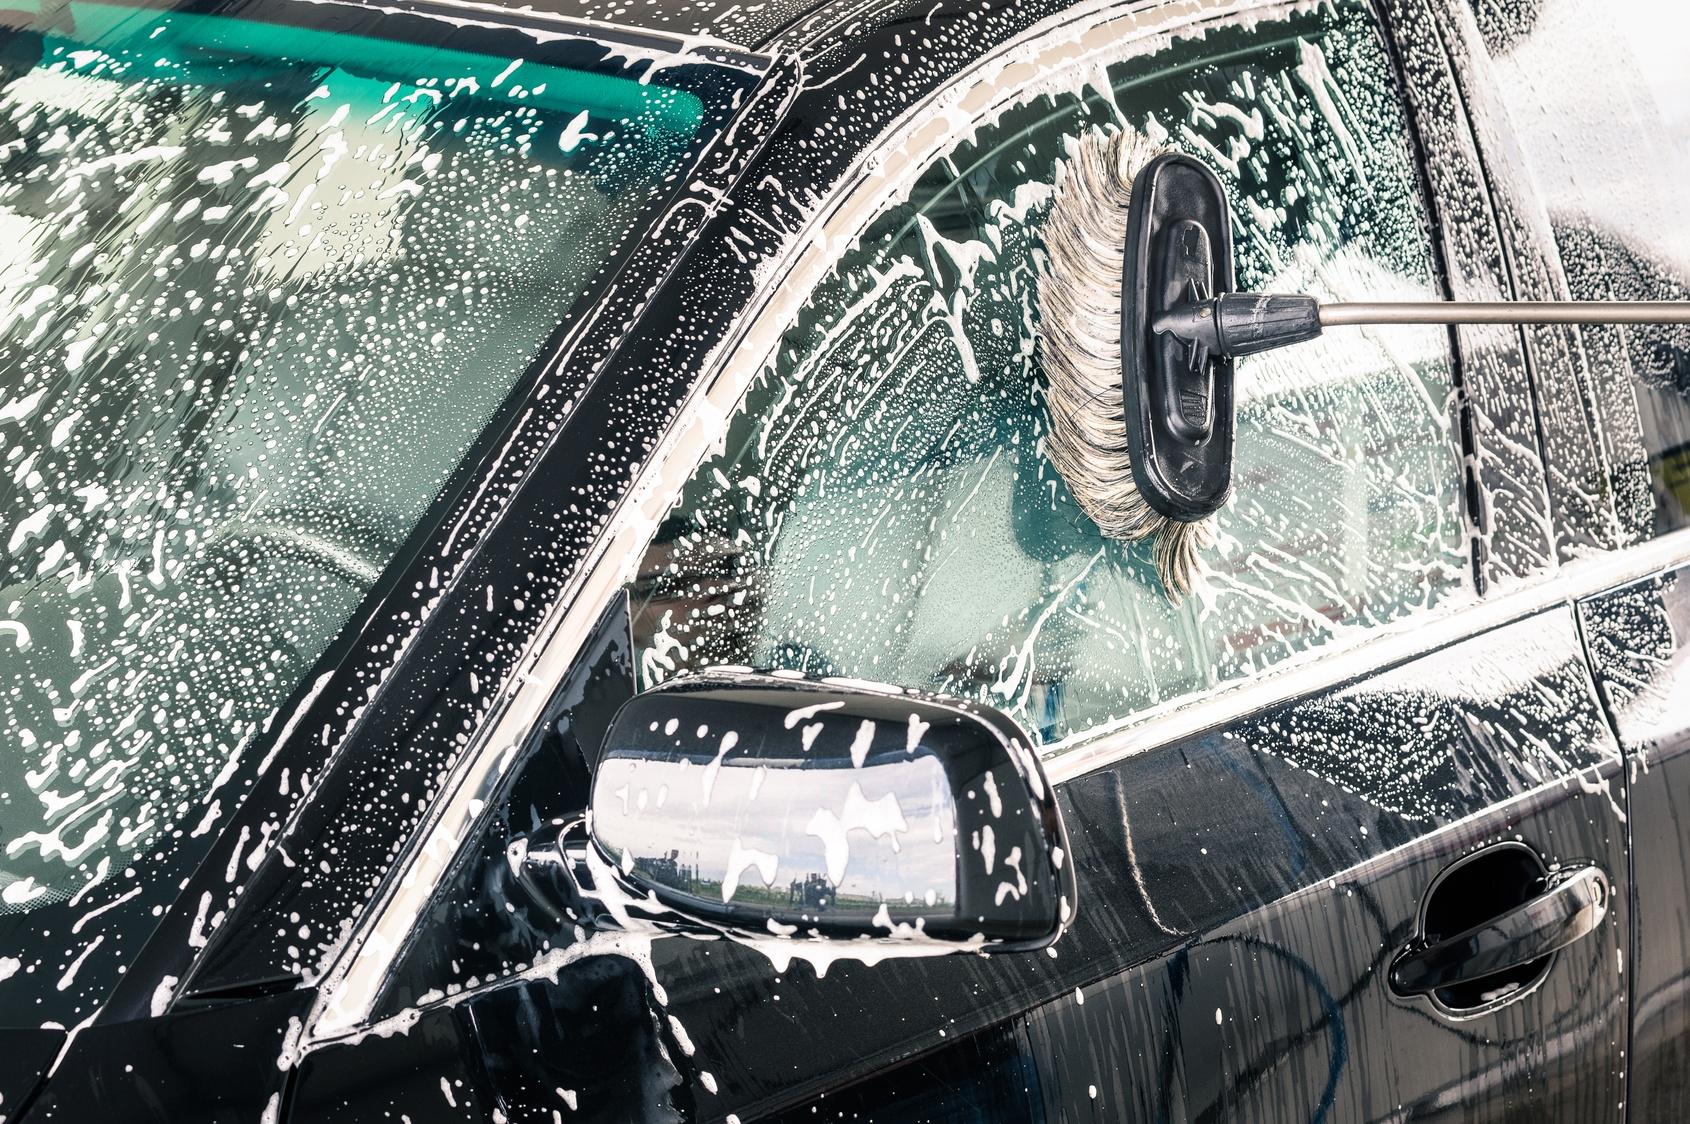 Za mycie samochodu możesz dostać mandat